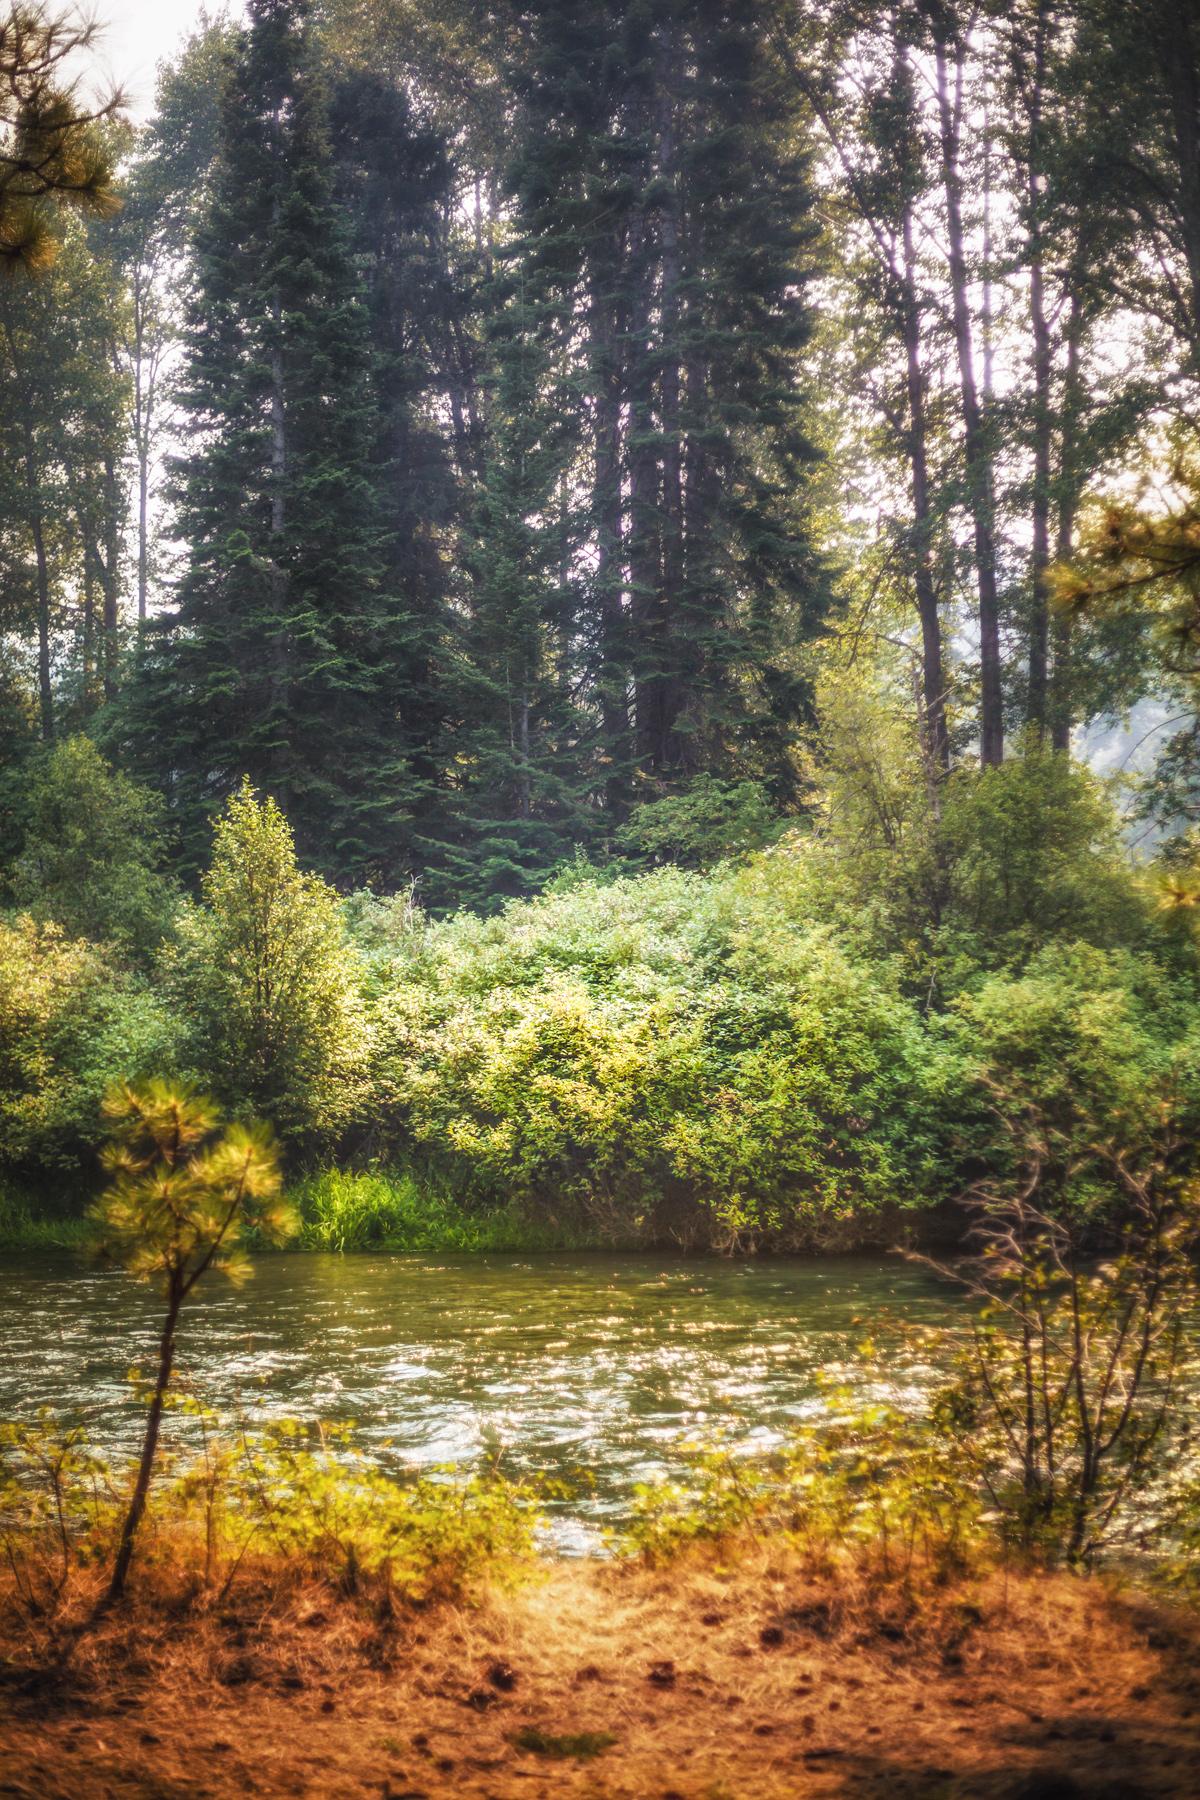 Smokey River and Forest via J5MM.com